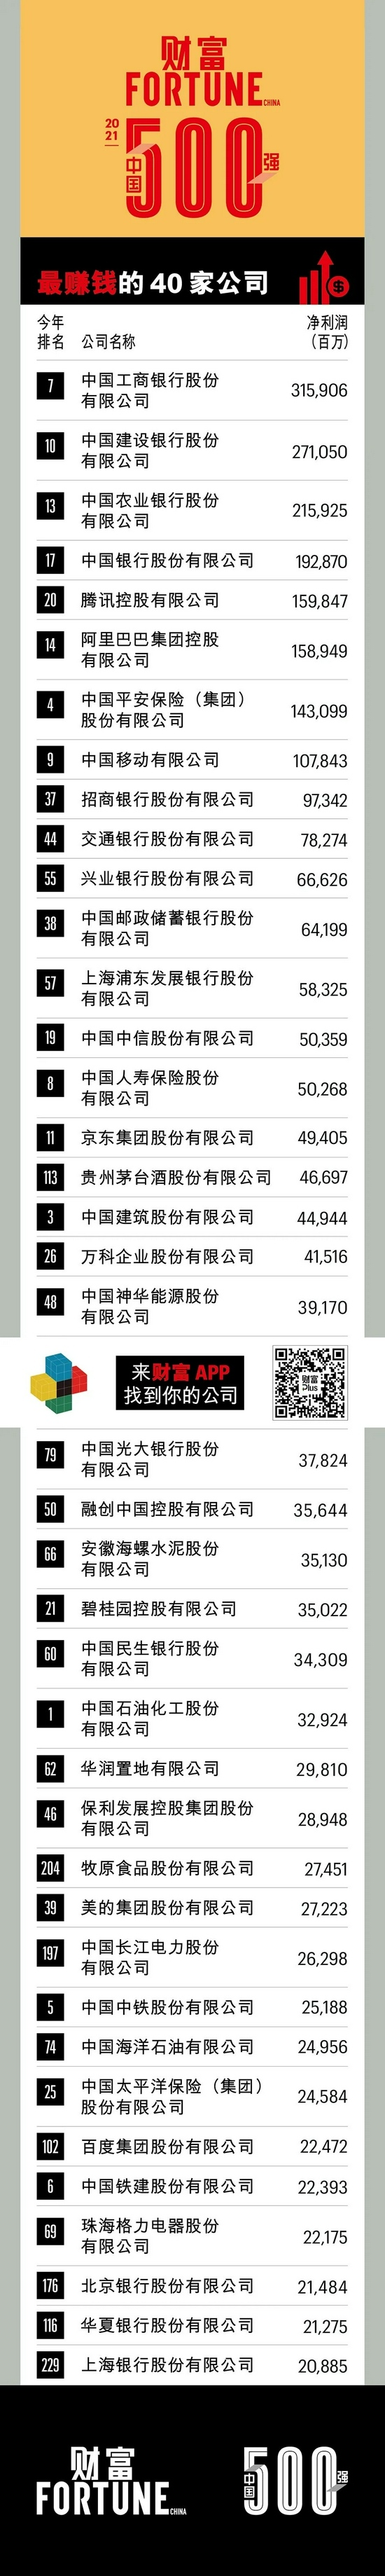 2021年财富中国500强最赚钱的40家公司阿里巴巴和腾讯进入前10